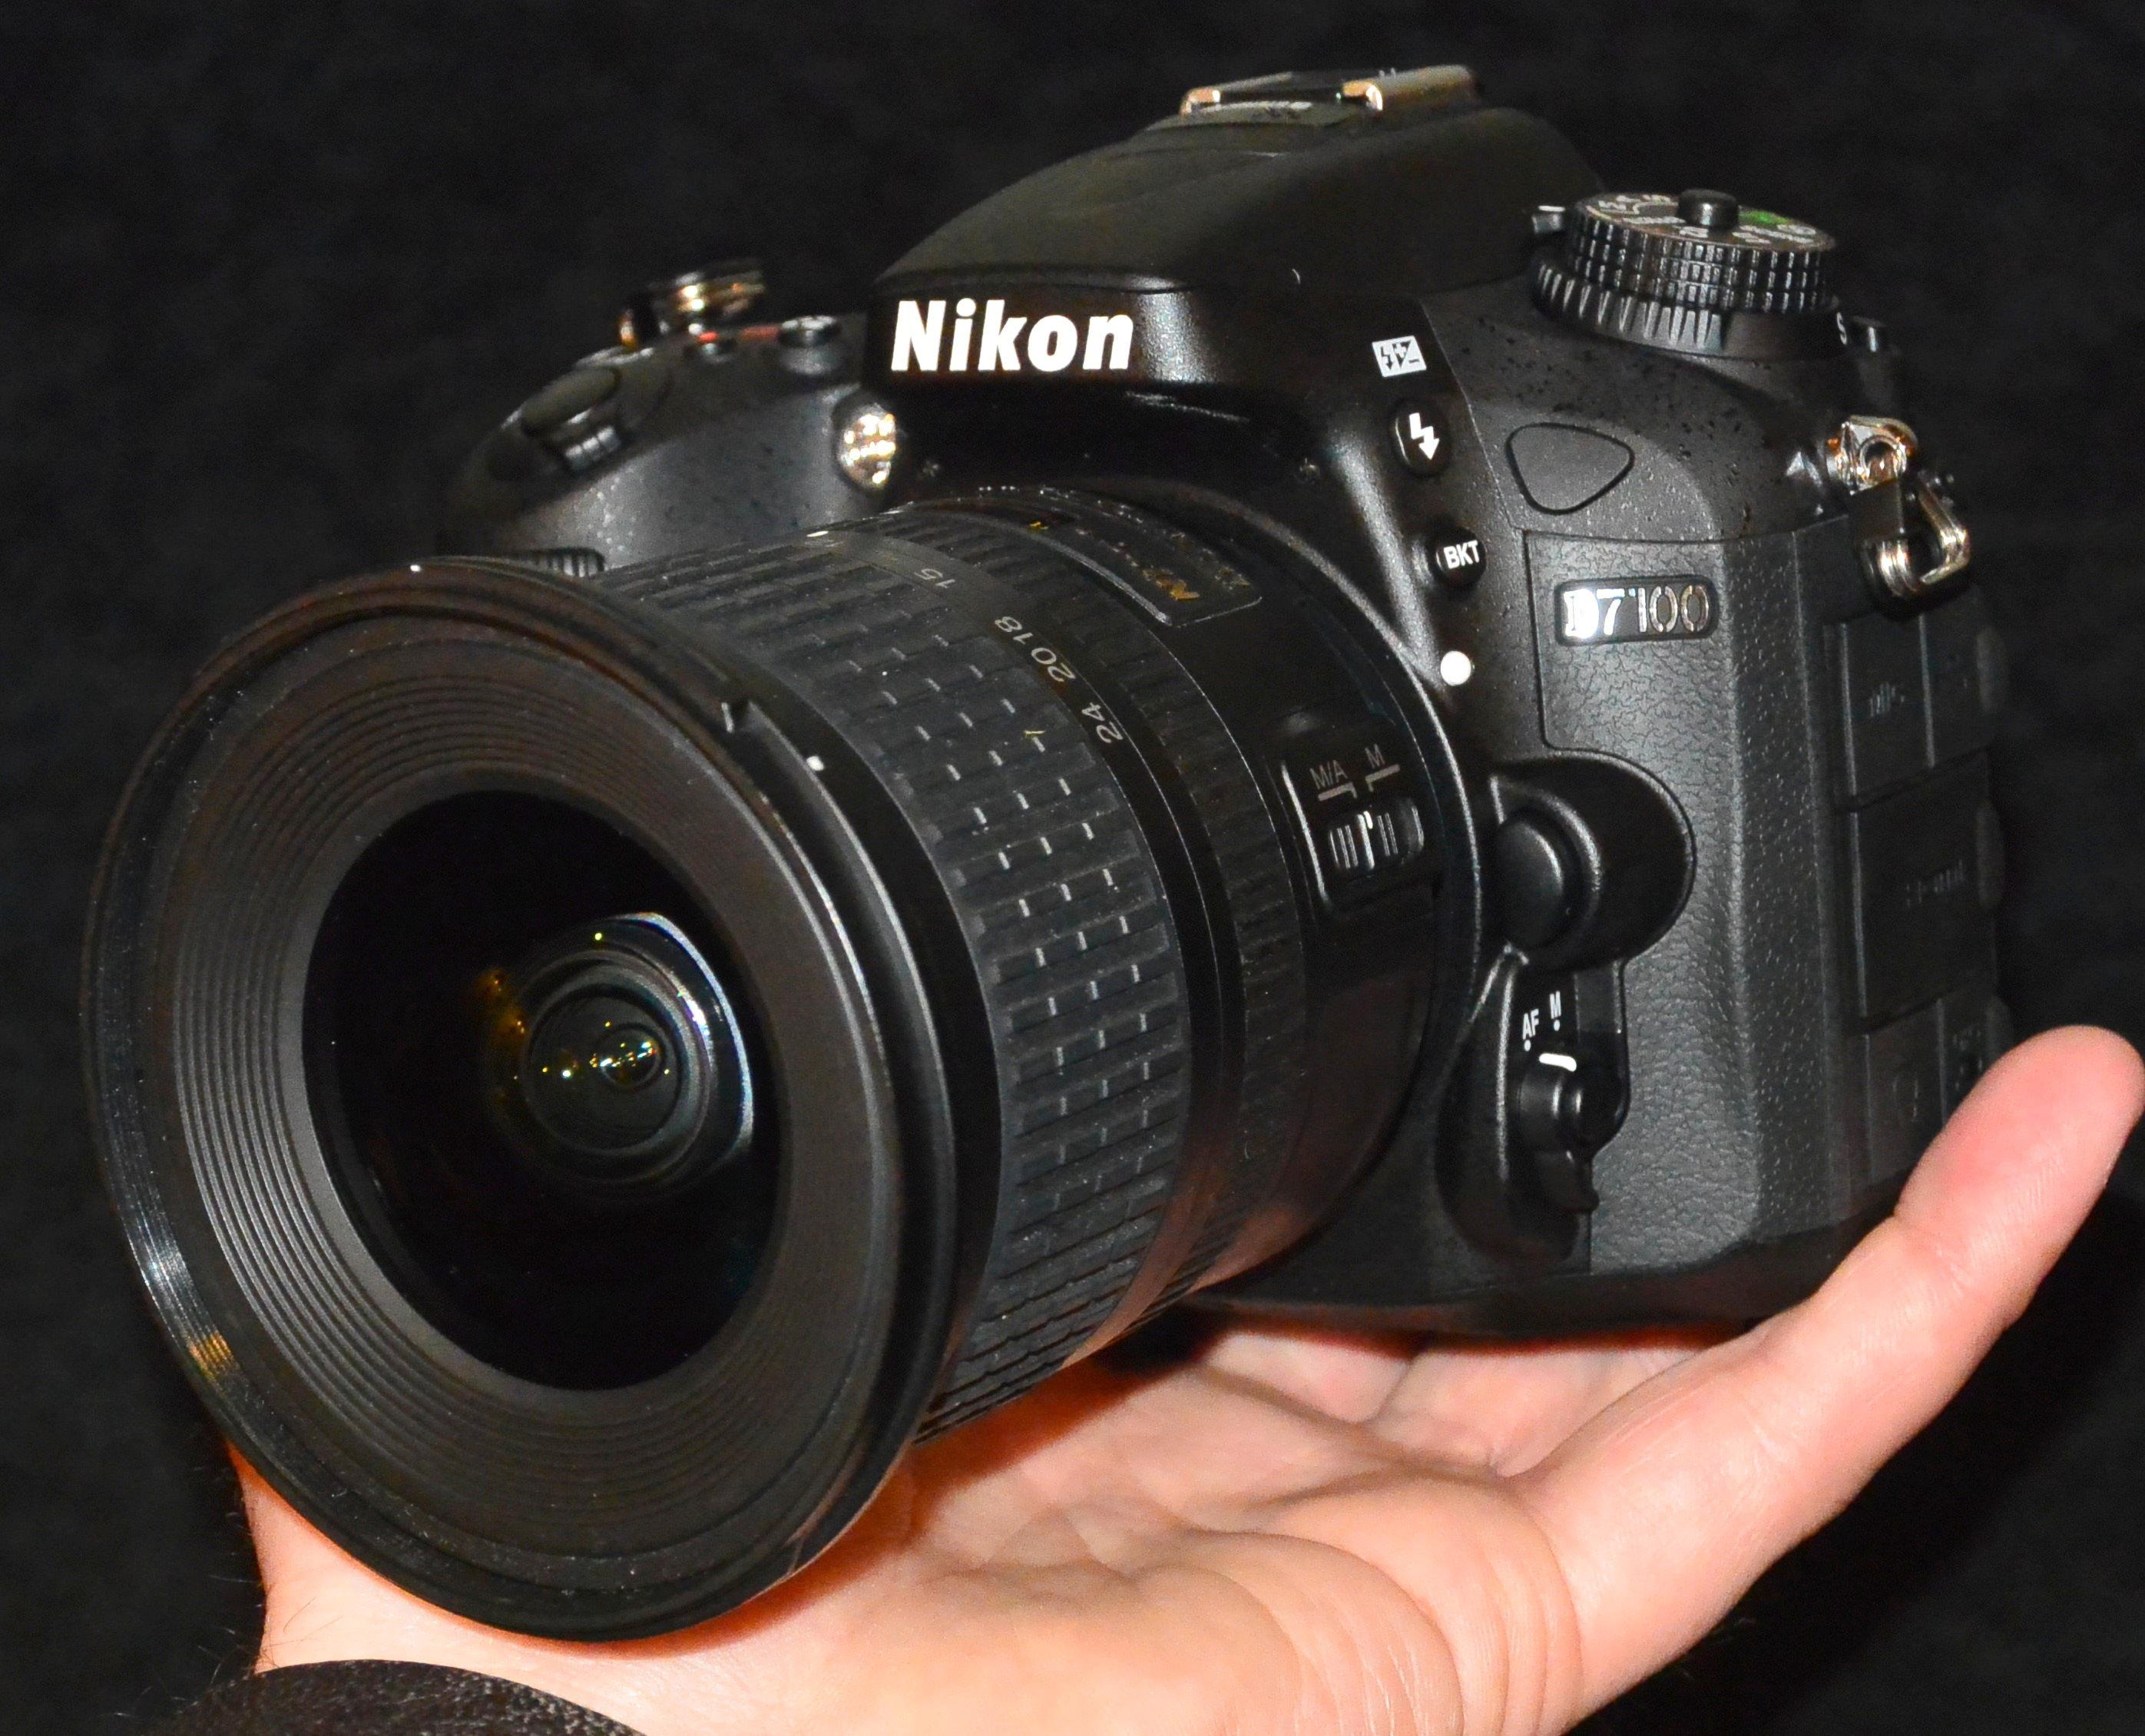 Nikon D7100 DSLR Camera 64Bit